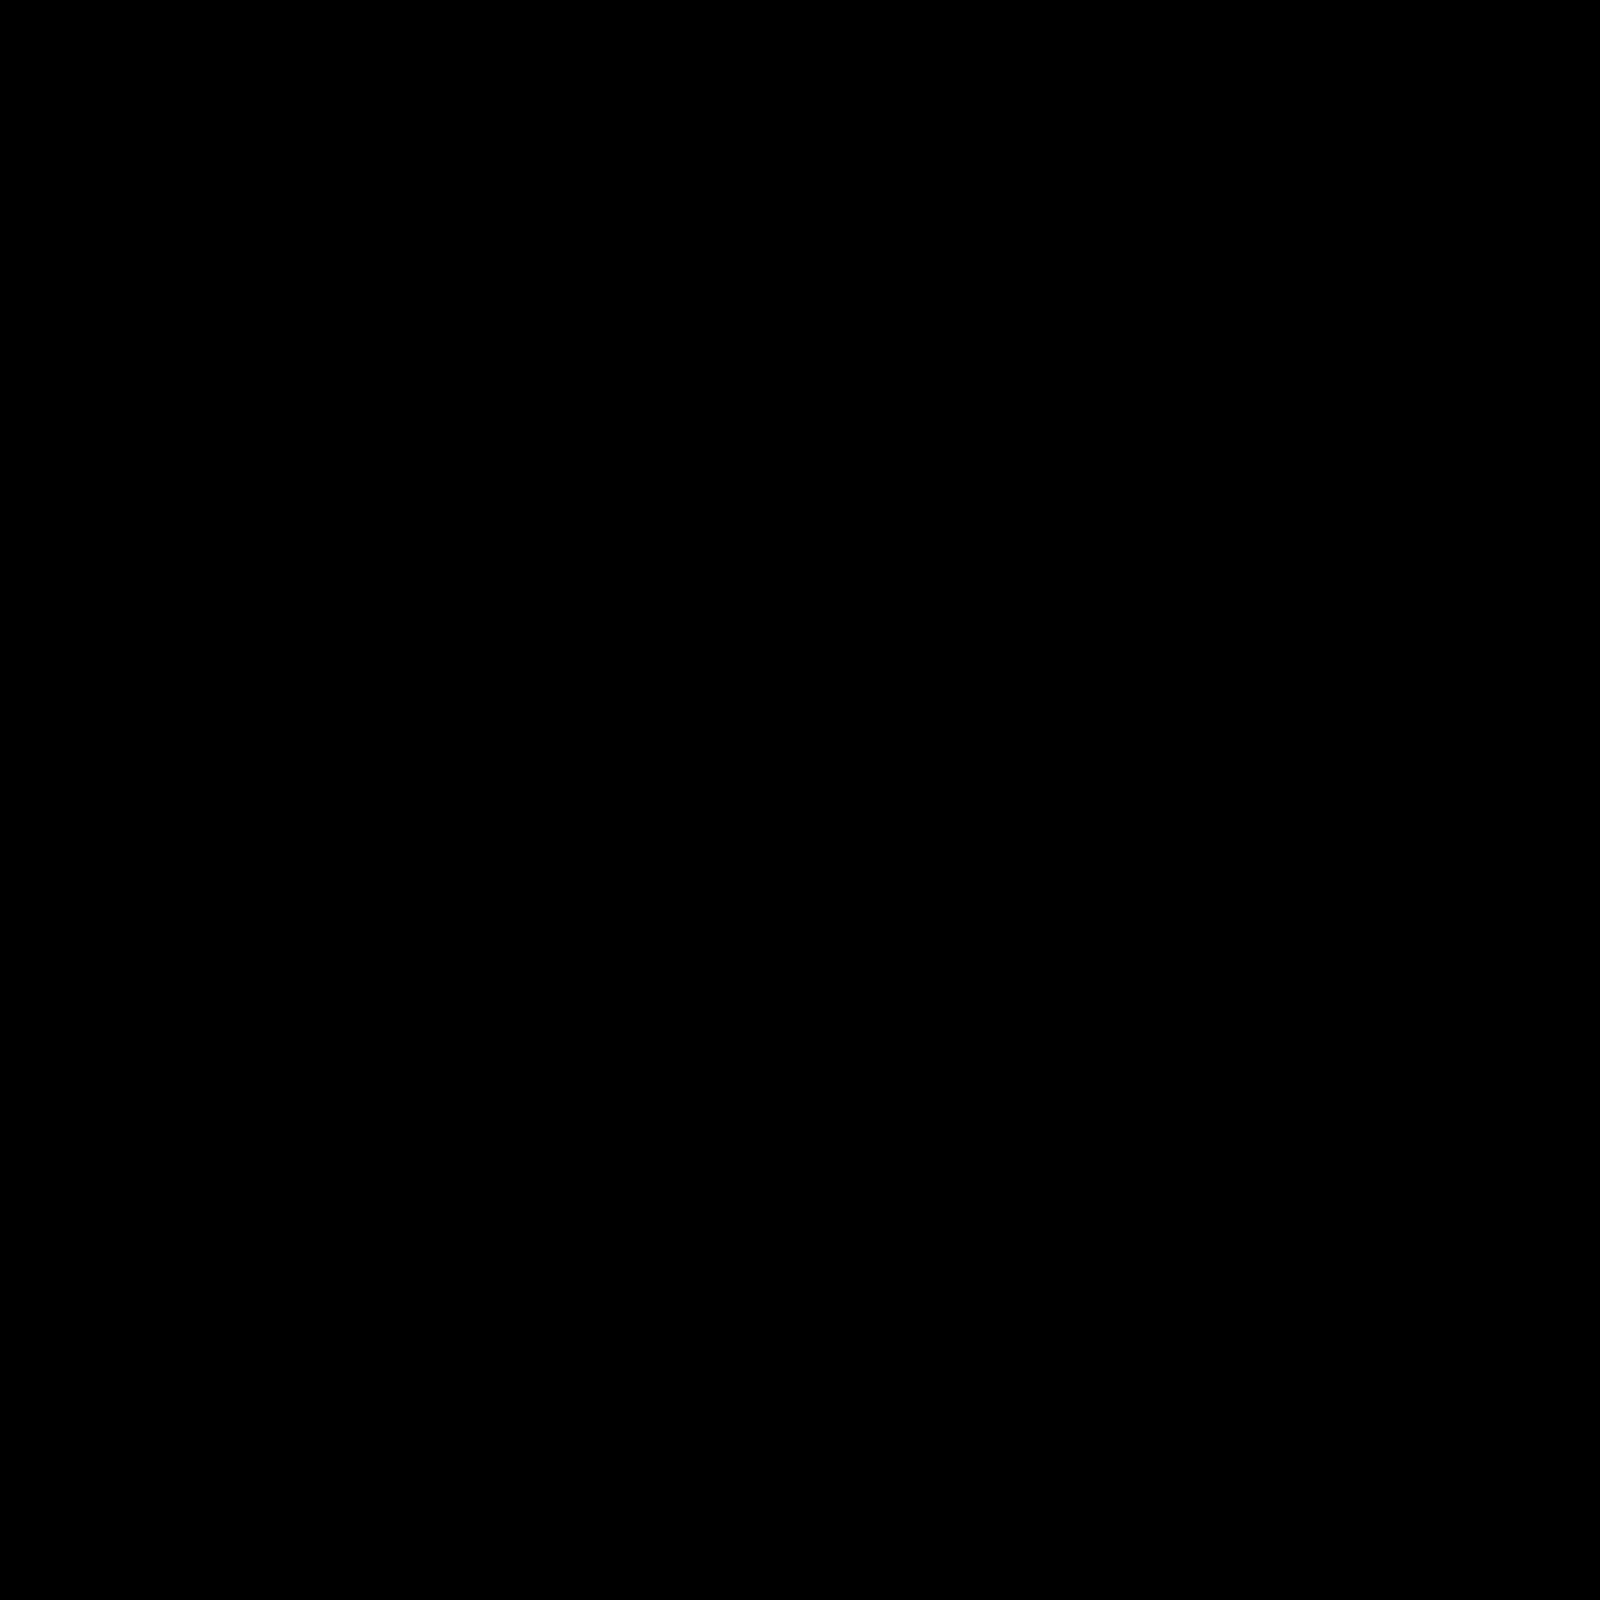 Ustawienia jasności icon